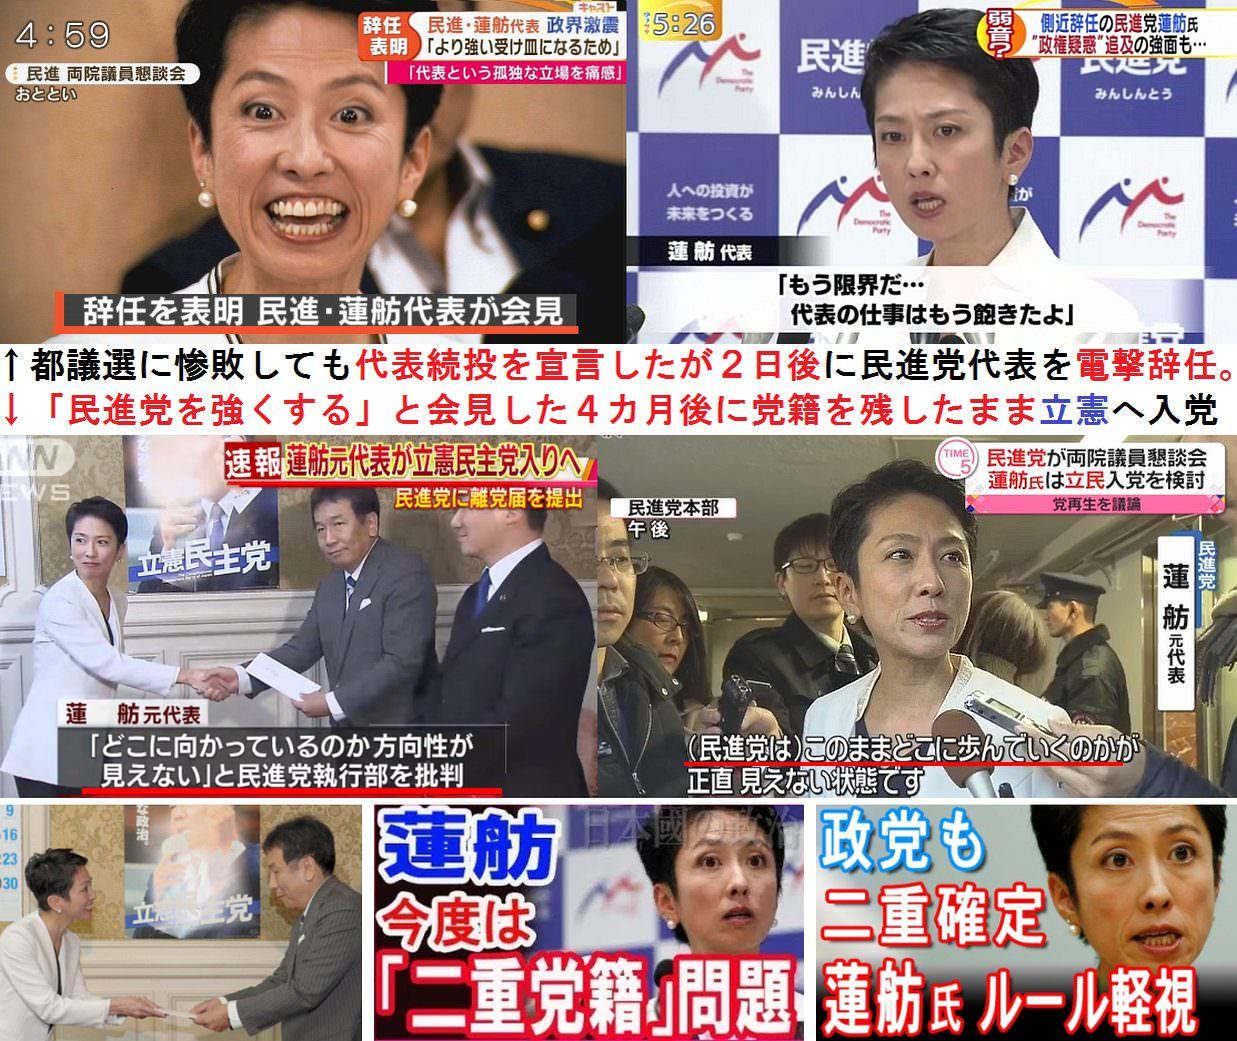 東京地裁「外国籍取得したら日本国籍喪失」は違憲、8人提訴へ!2-1